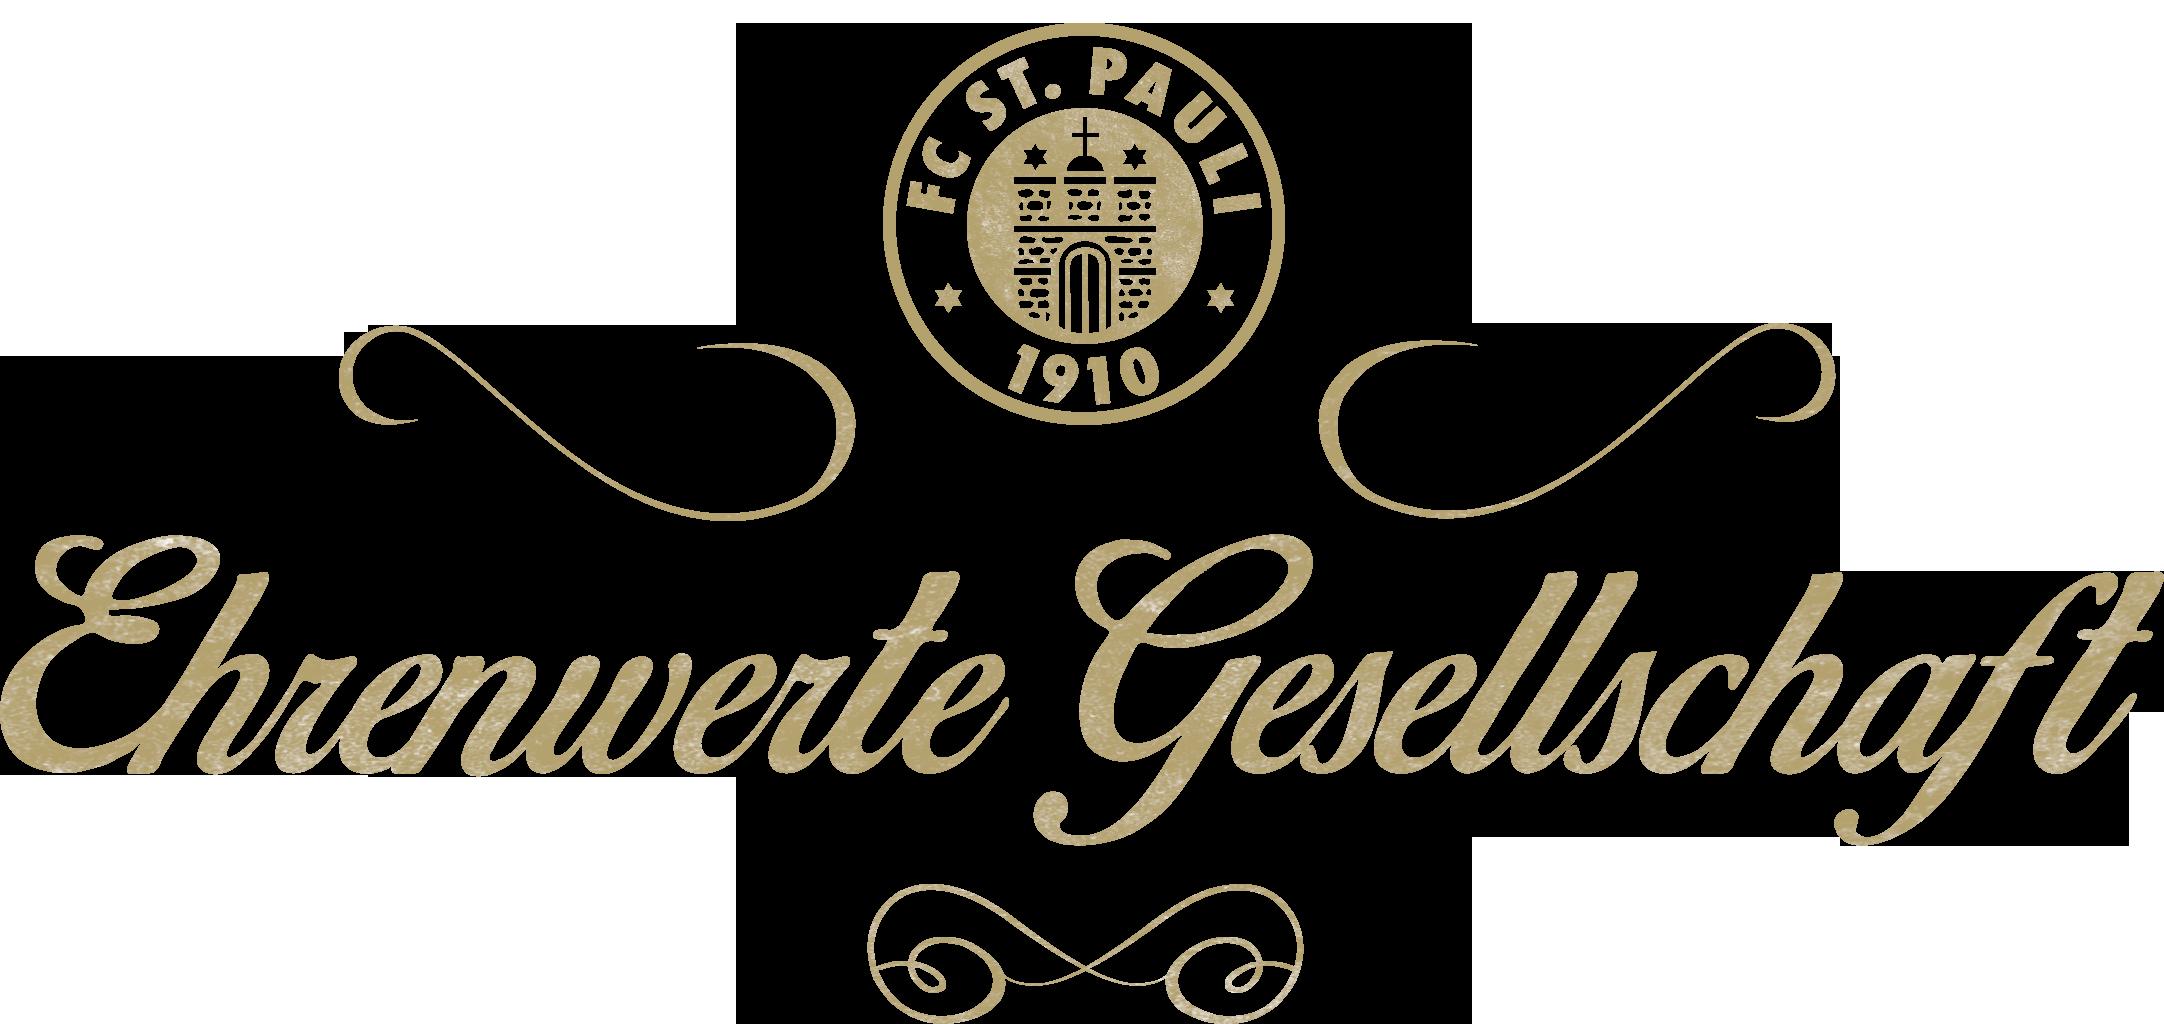 Mitglied der Ehrenwerten Gesellschaft des FC St. Pauli von 1910